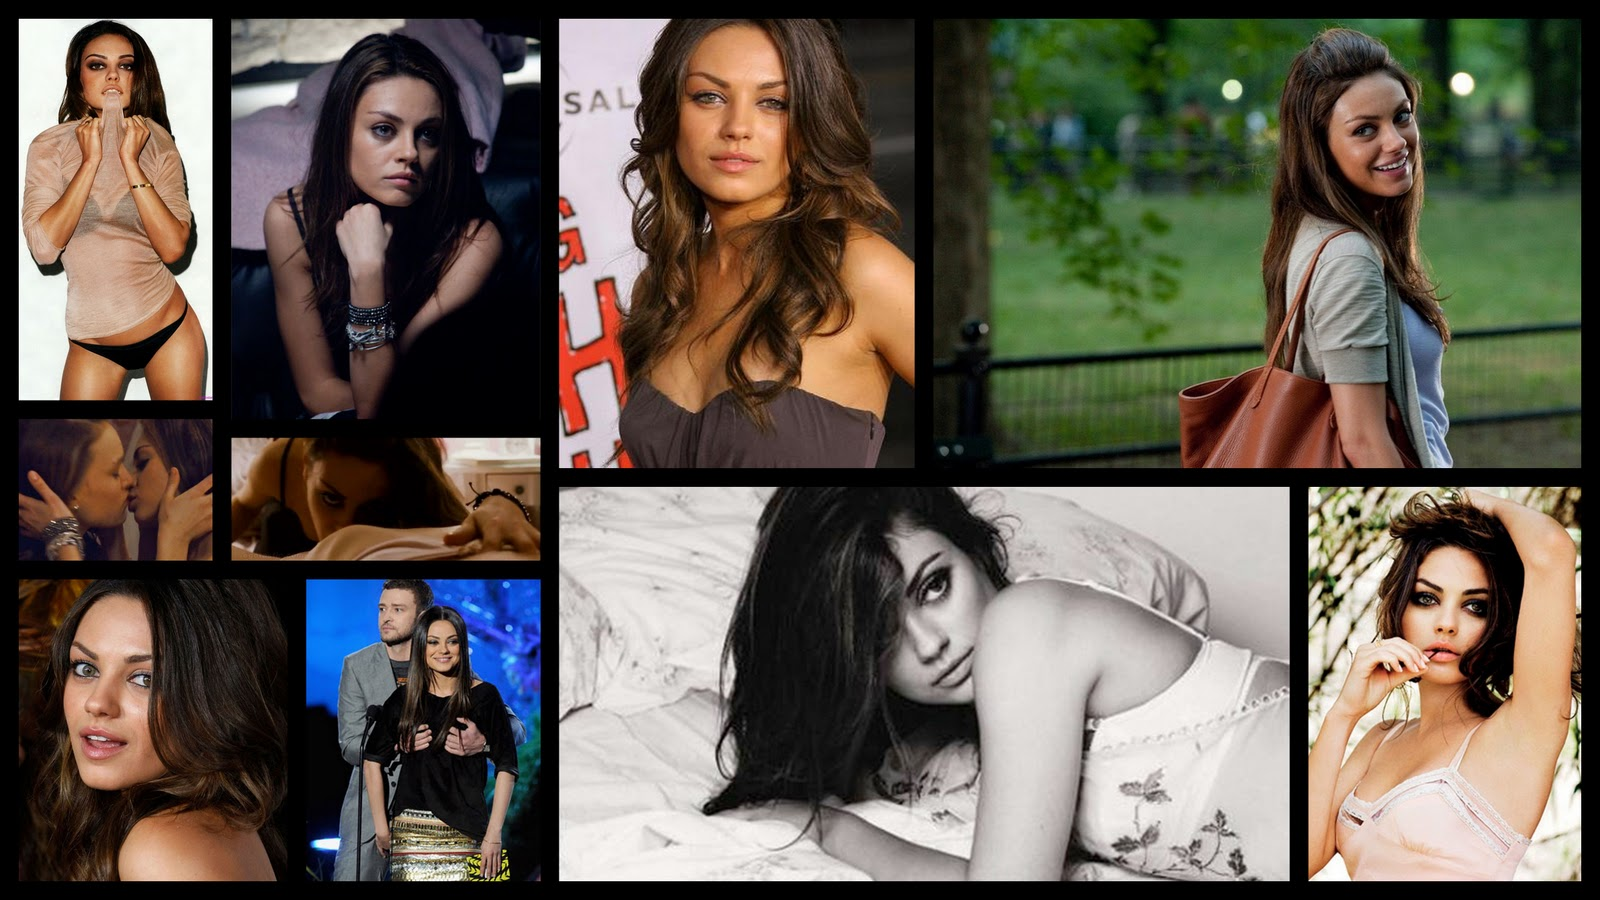 http://2.bp.blogspot.com/-8-23Yh9yS7I/Tunyt_EV3aI/AAAAAAAAISw/ATutTAimR38/s1600/mila+kunis+collage.jpg